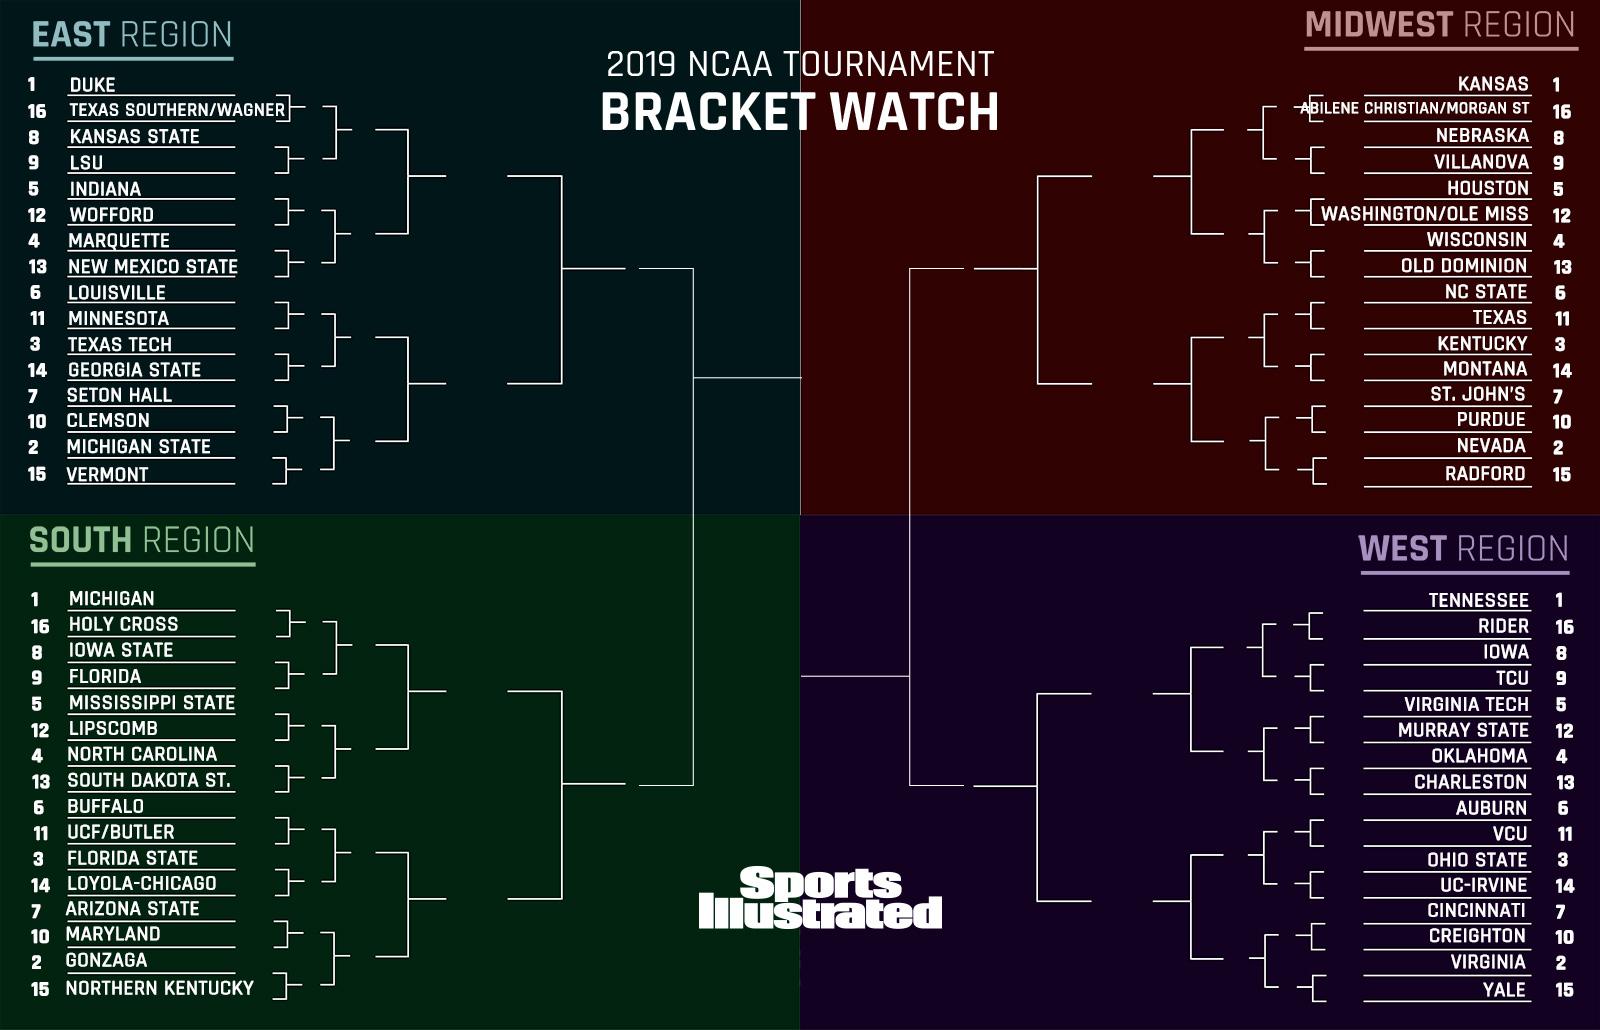 NCAA tournament bracket 2019: Duke leads projected field ...